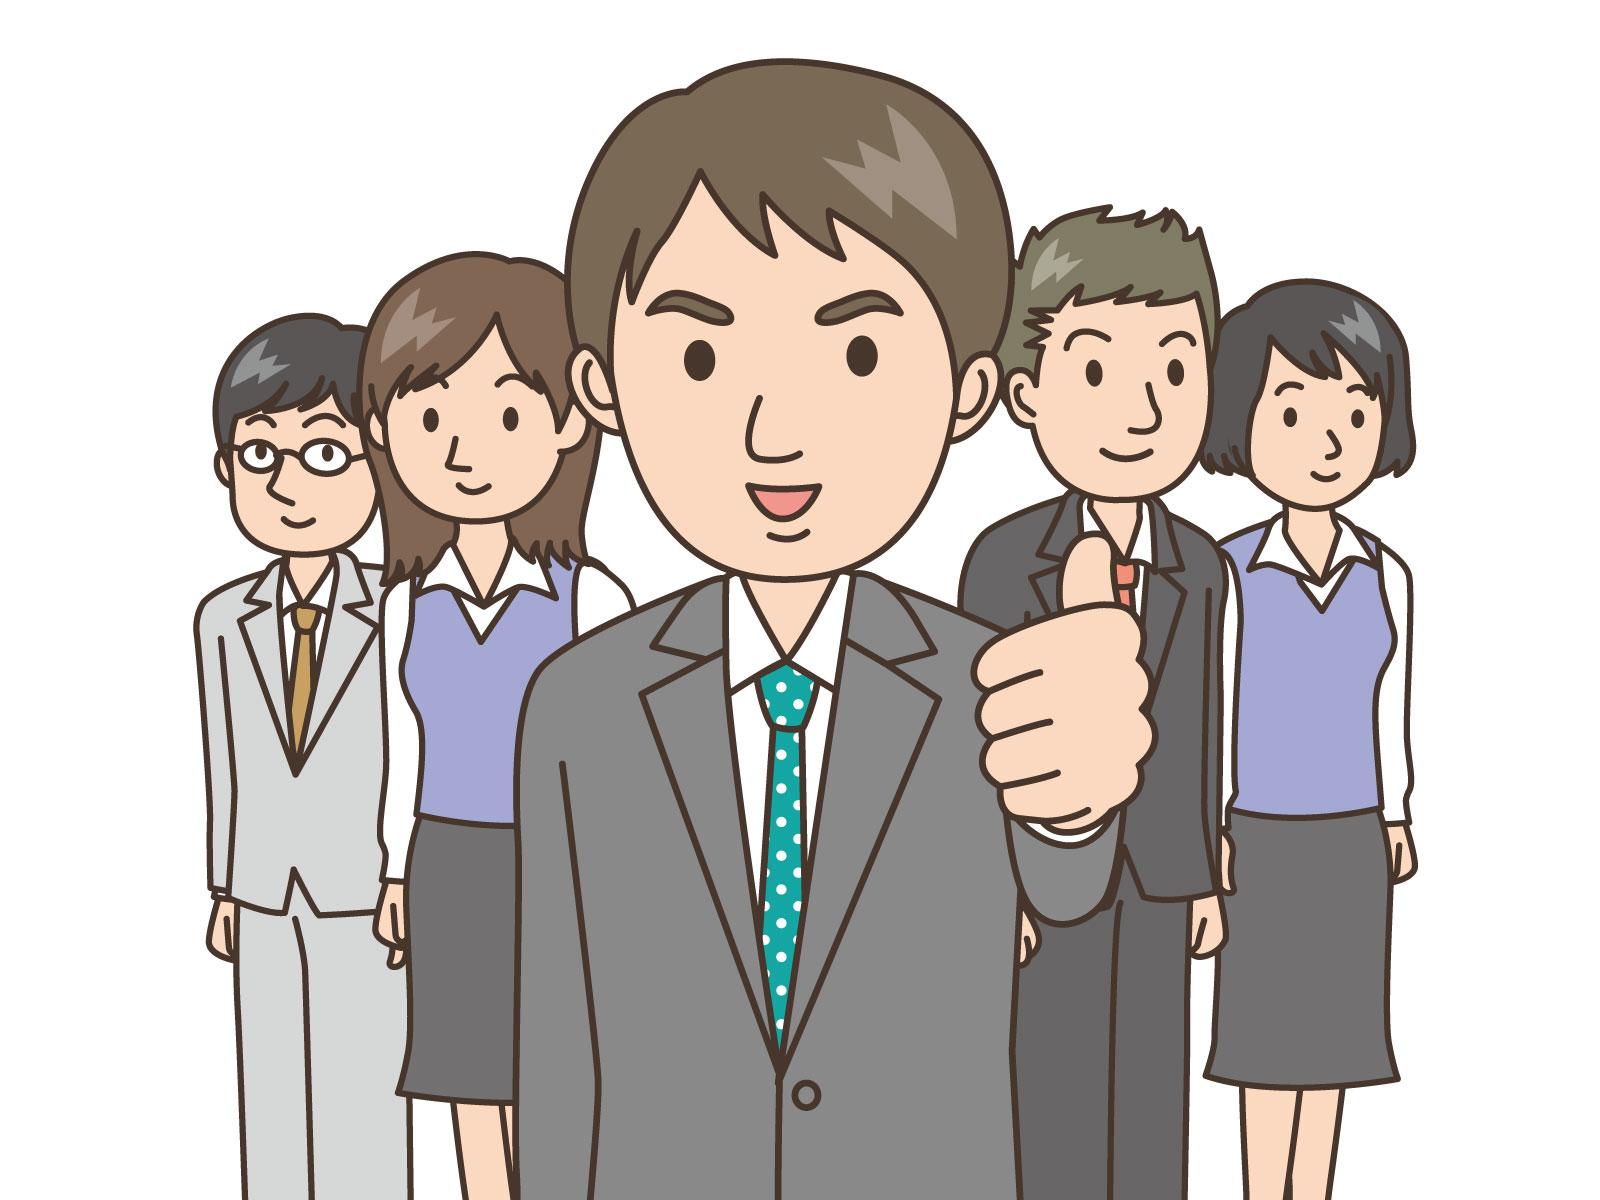 リーダーとフォロワーの役割!成長しあえる集団づくり